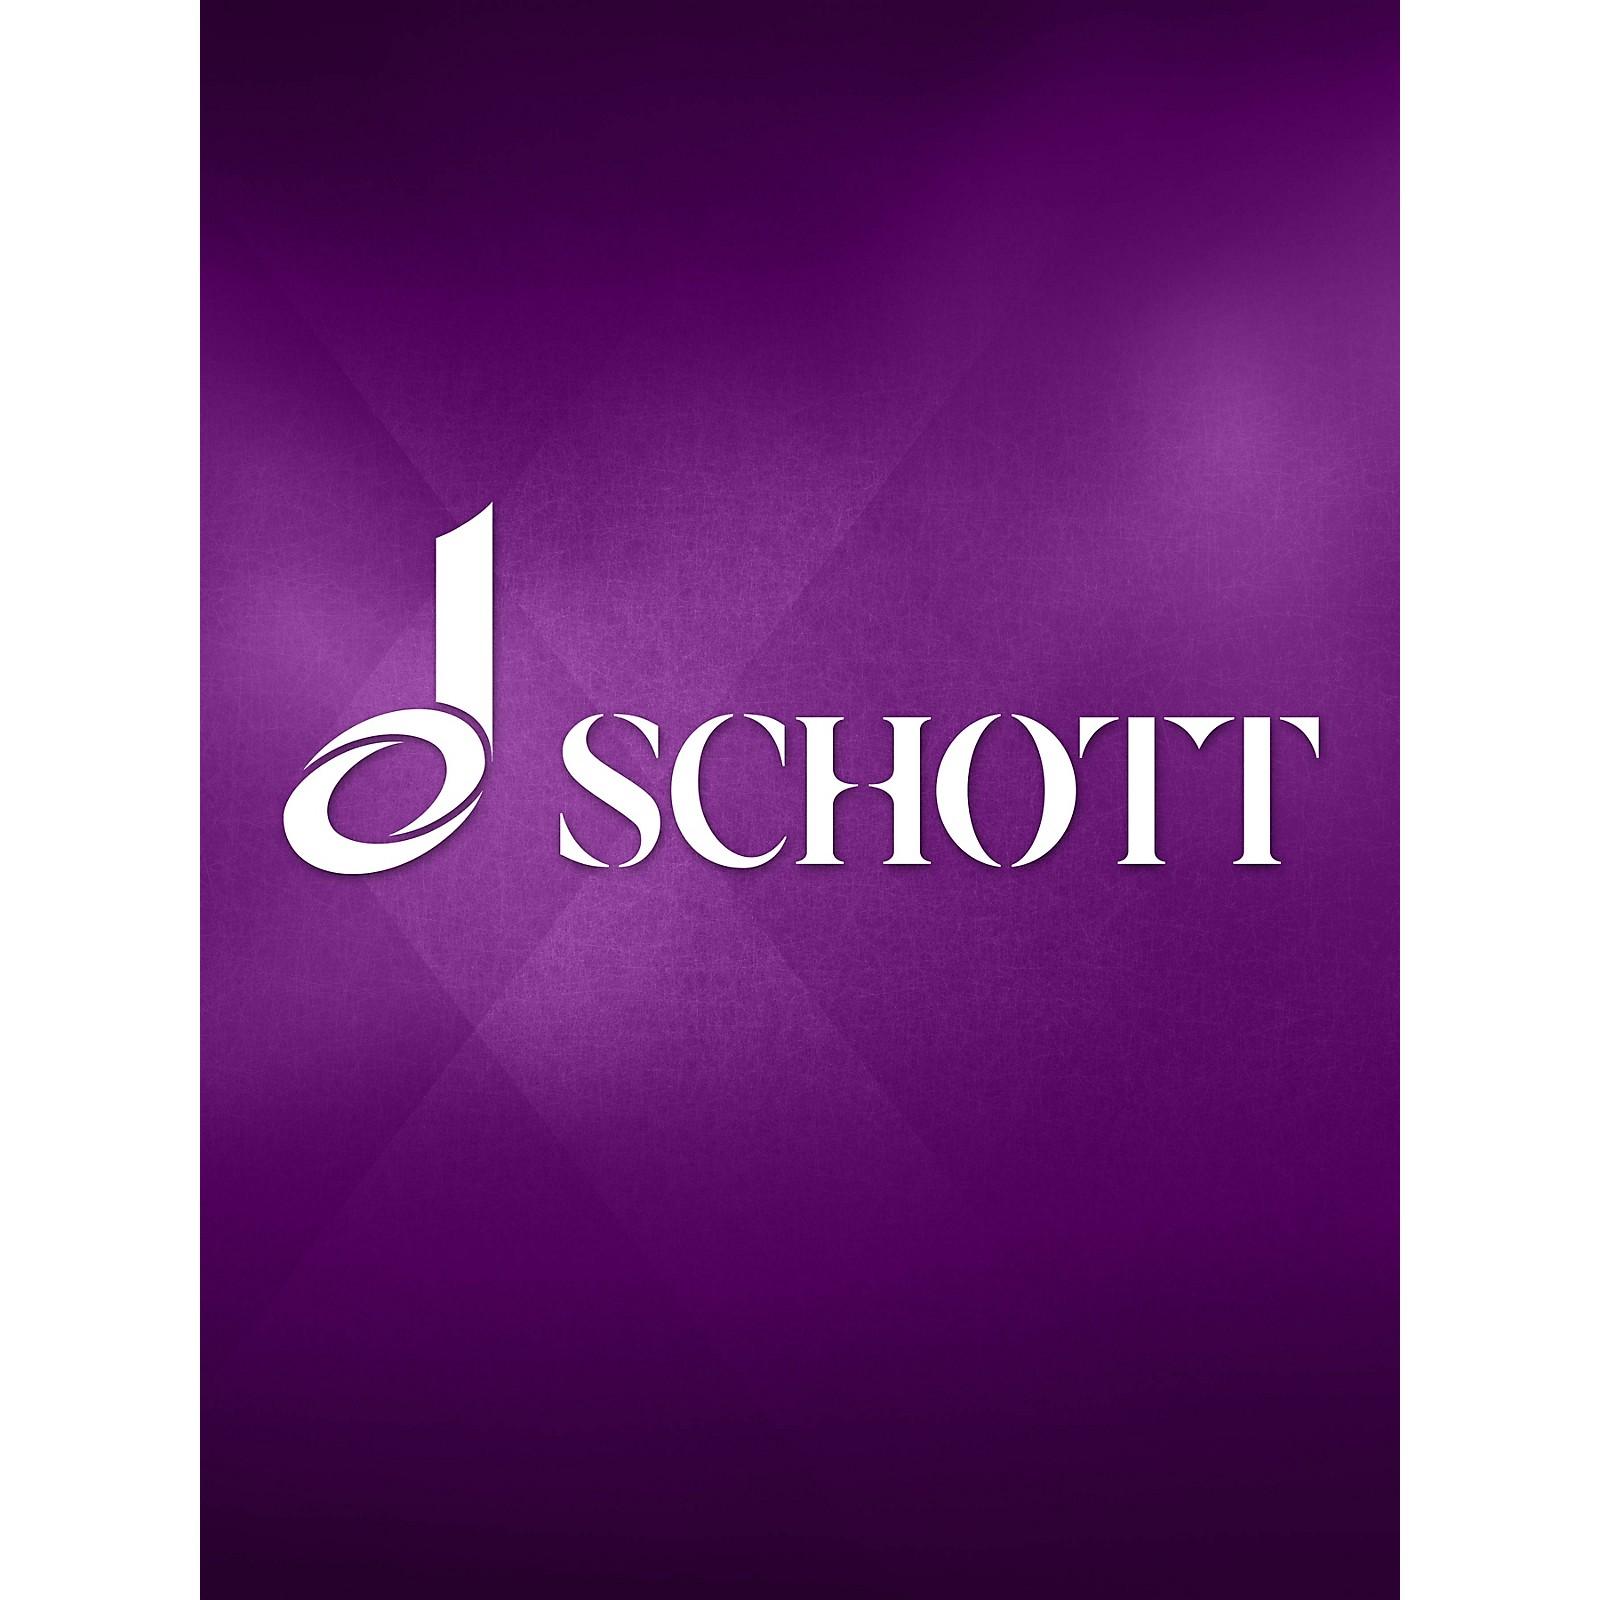 Eulenburg Concerto Grosso in G Major Op. 3, No. 3 (Cello/Bass Part) Schott Series by Georg Friedrich Händel